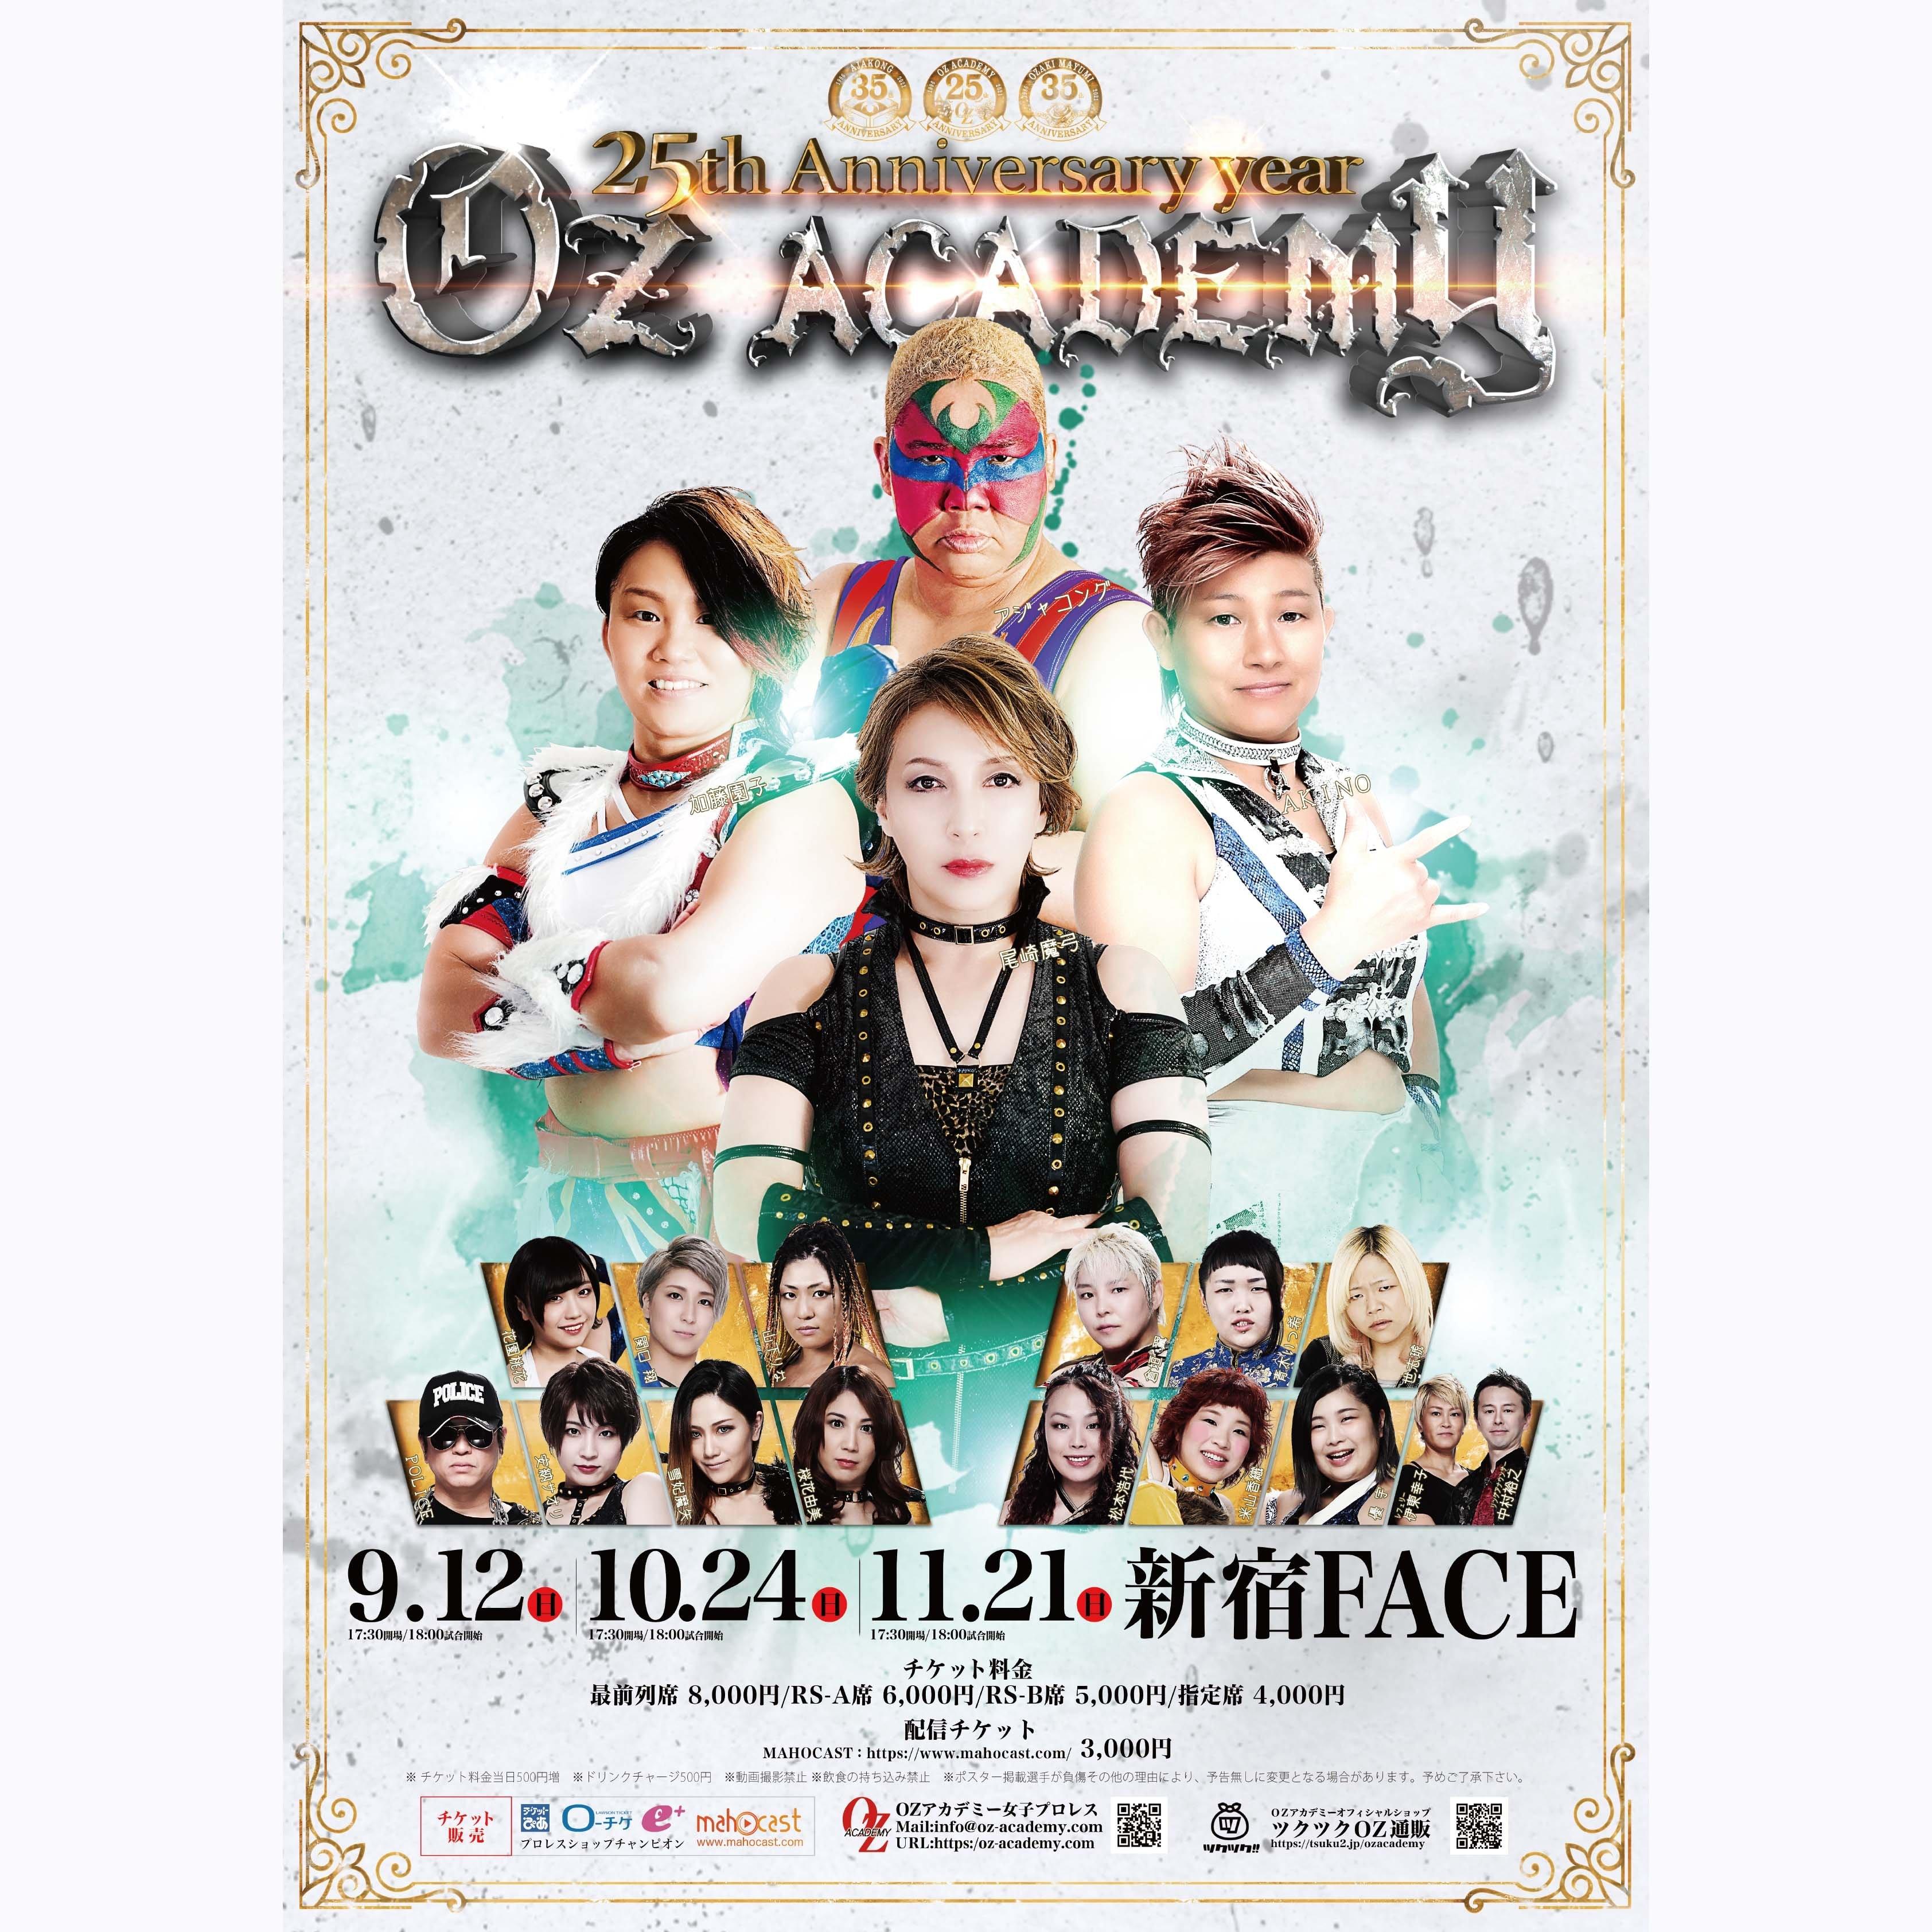 [OZ]10月24日(日)東京 新宿FACE[RS-B席]のイメージその1